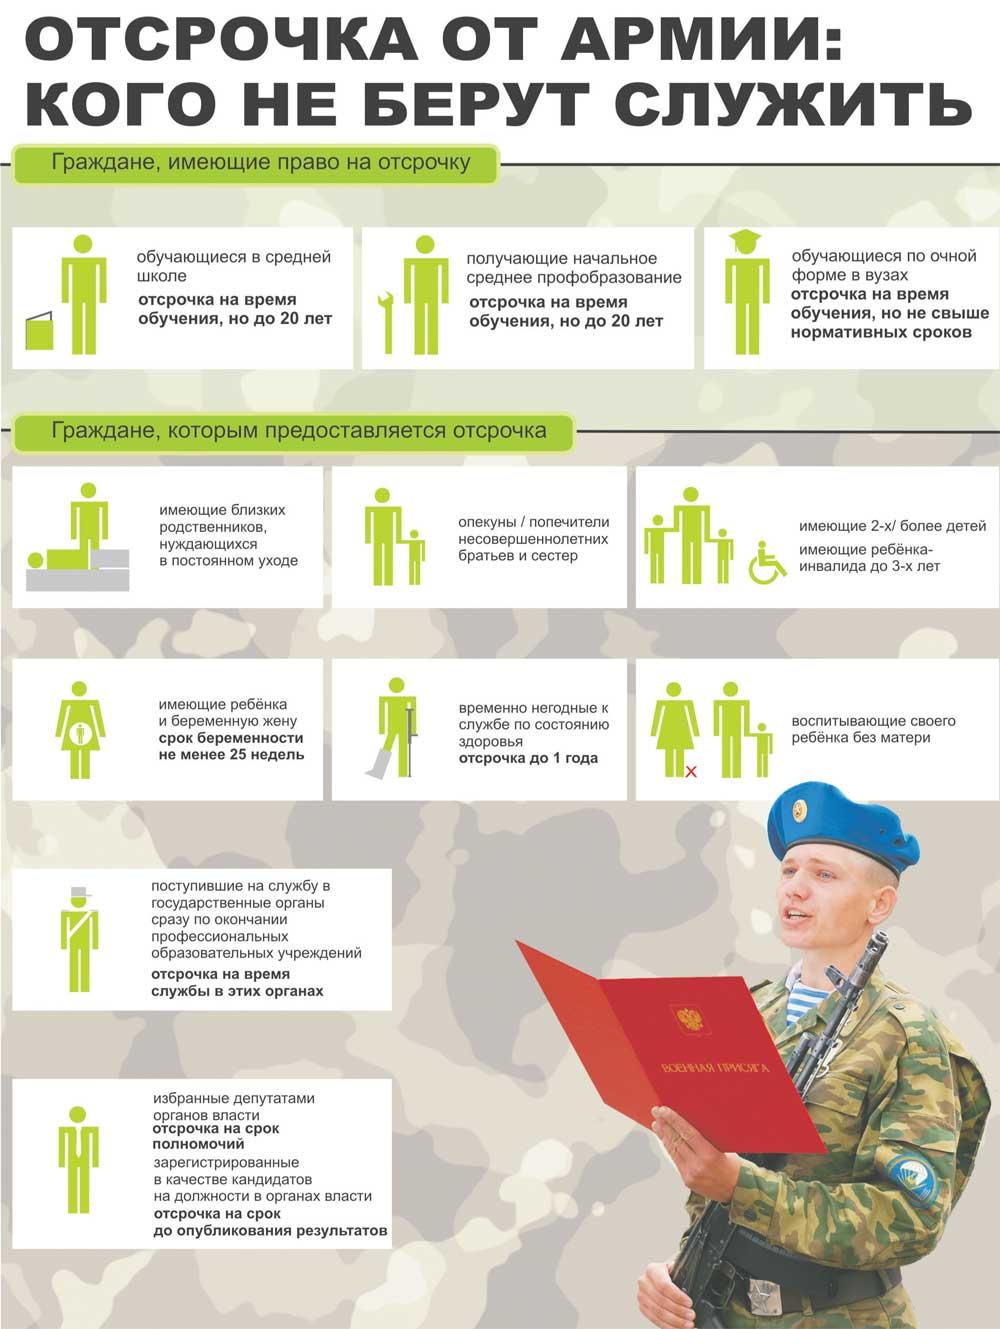 Право на отдых и выходные дни у военнослужащих